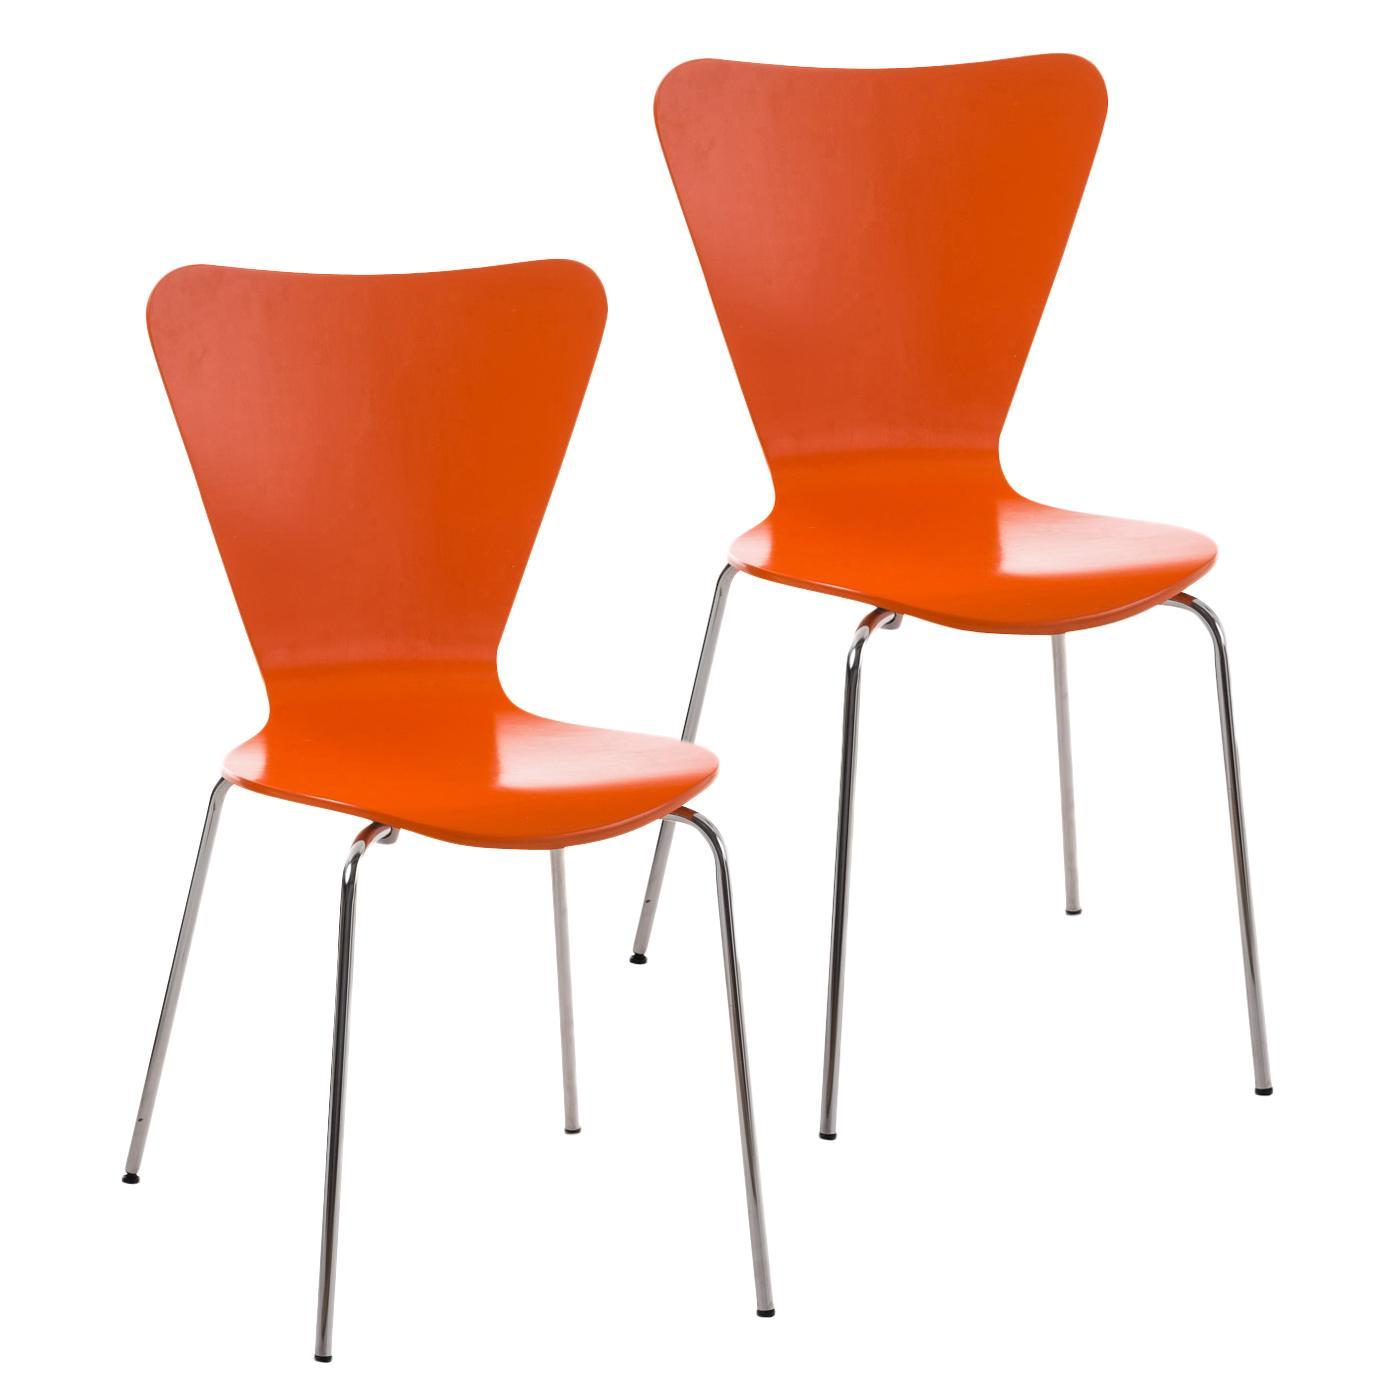 Lote 2 sillas de cocina o comedor lerma en naranja lote for Sillas de cocina comedor